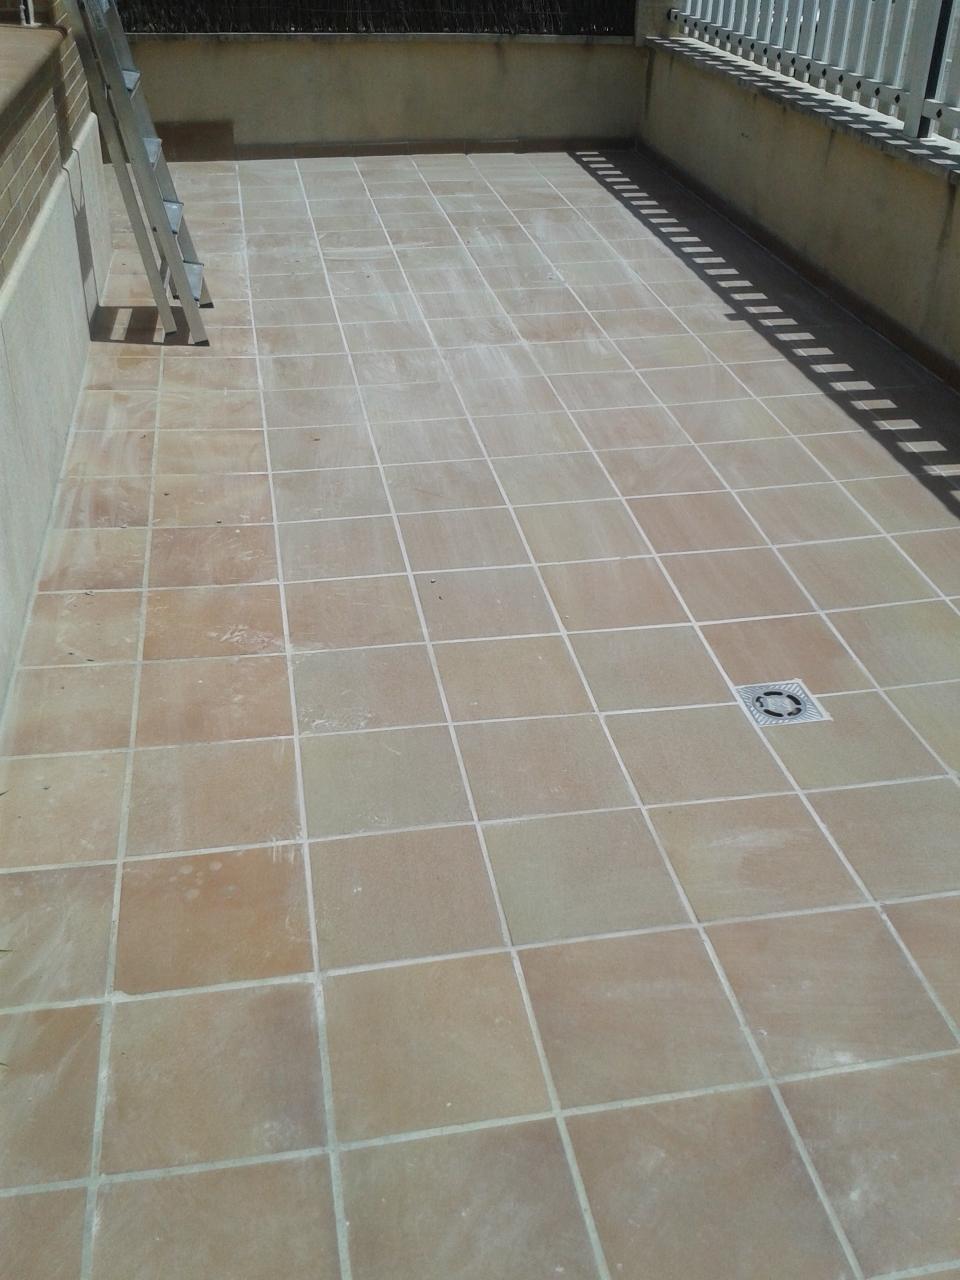 Pavimento exterior barato trendy pavimento exterior barato suelo color gris en oficina para - Suelos exterior baratos ...